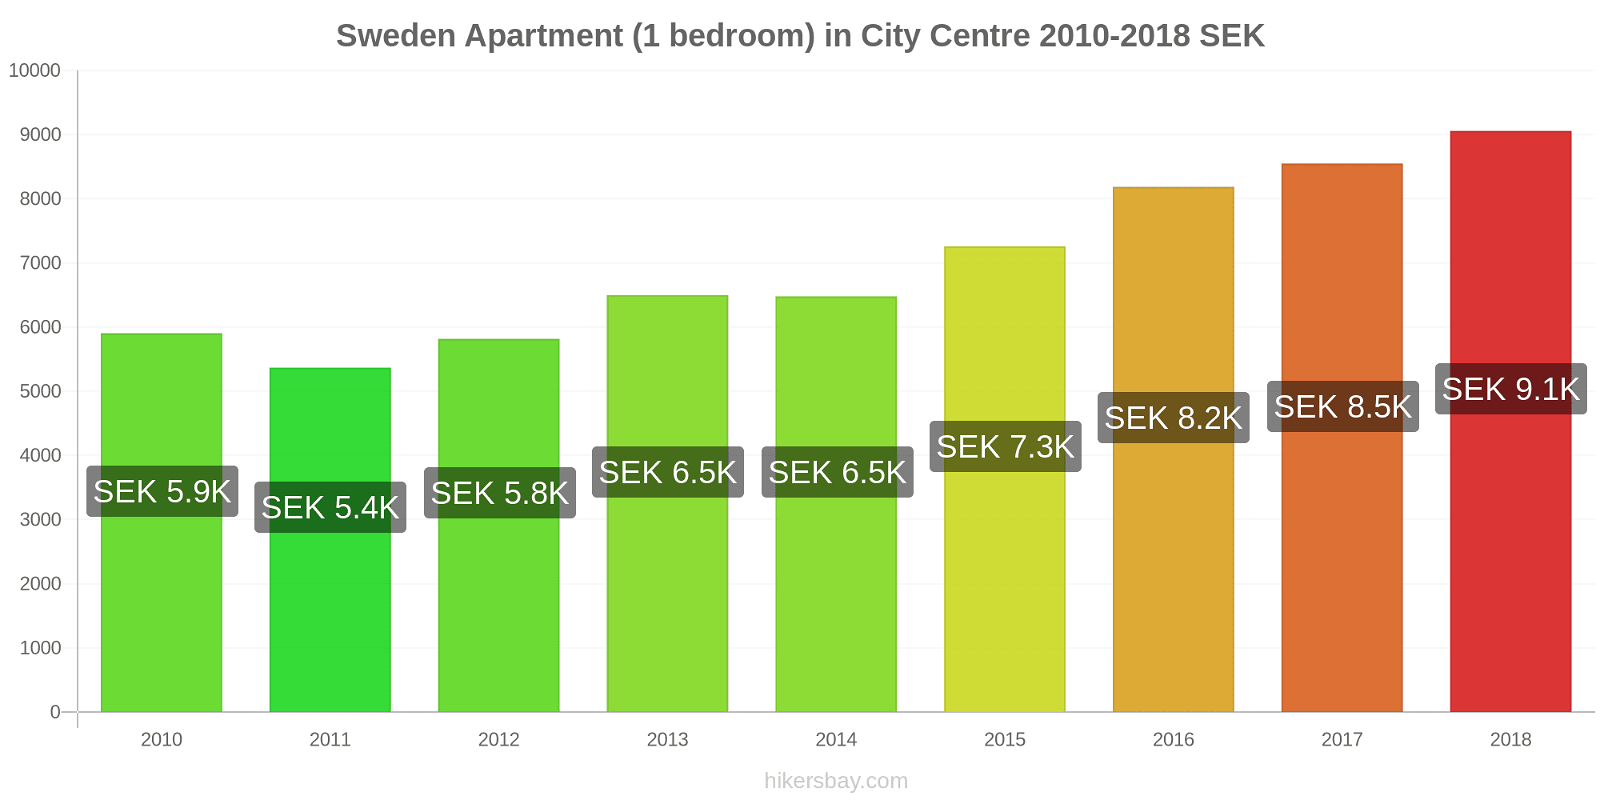 Sweden price changes Apartment (1 bedroom) in City Centre hikersbay.com